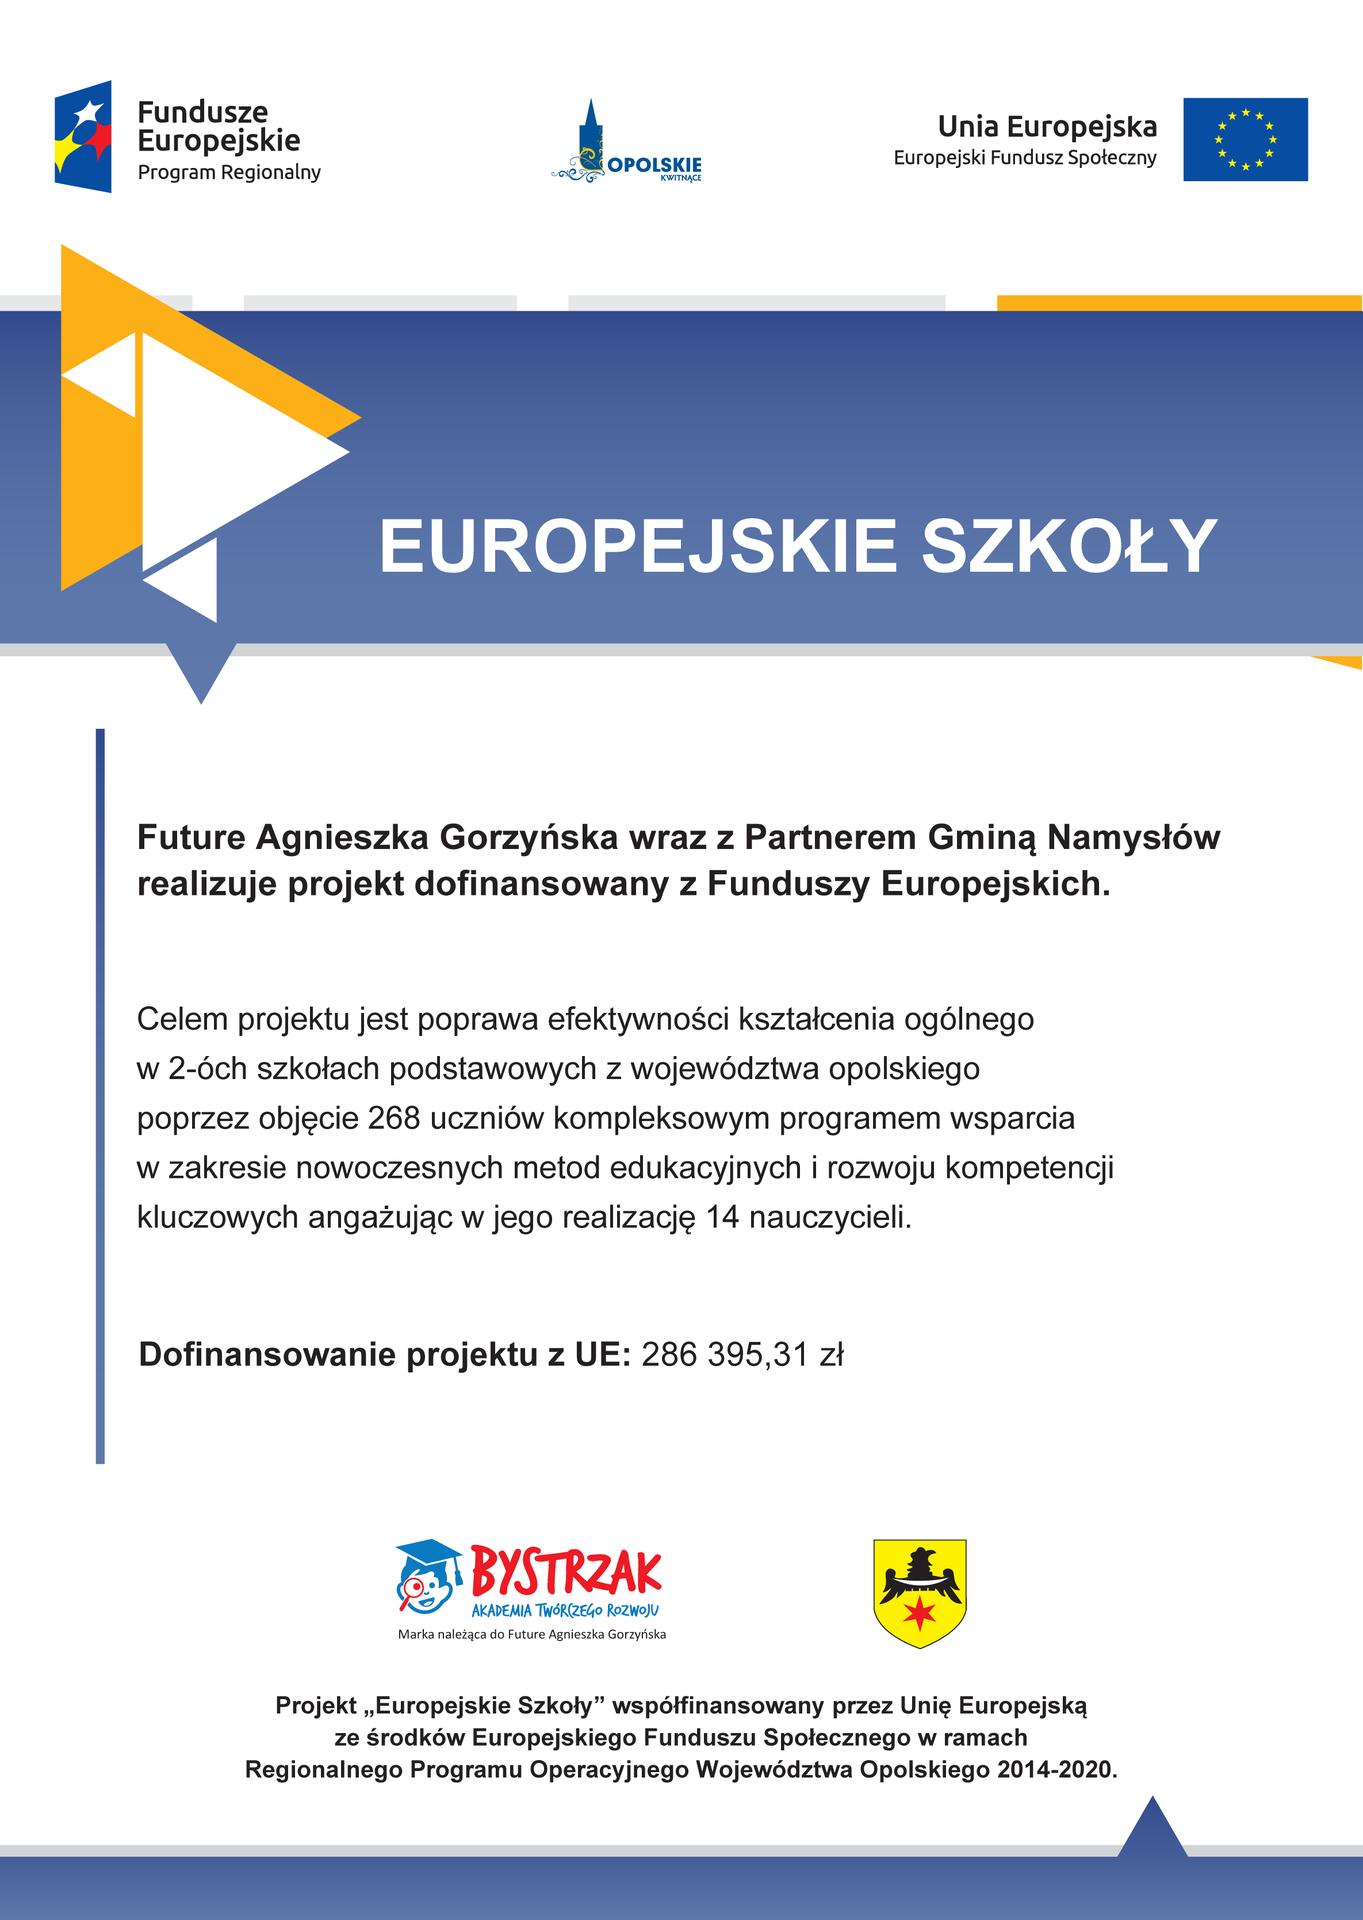 plakat_A3_NAMYSLOW_Unia_1_20szt-1.jpeg